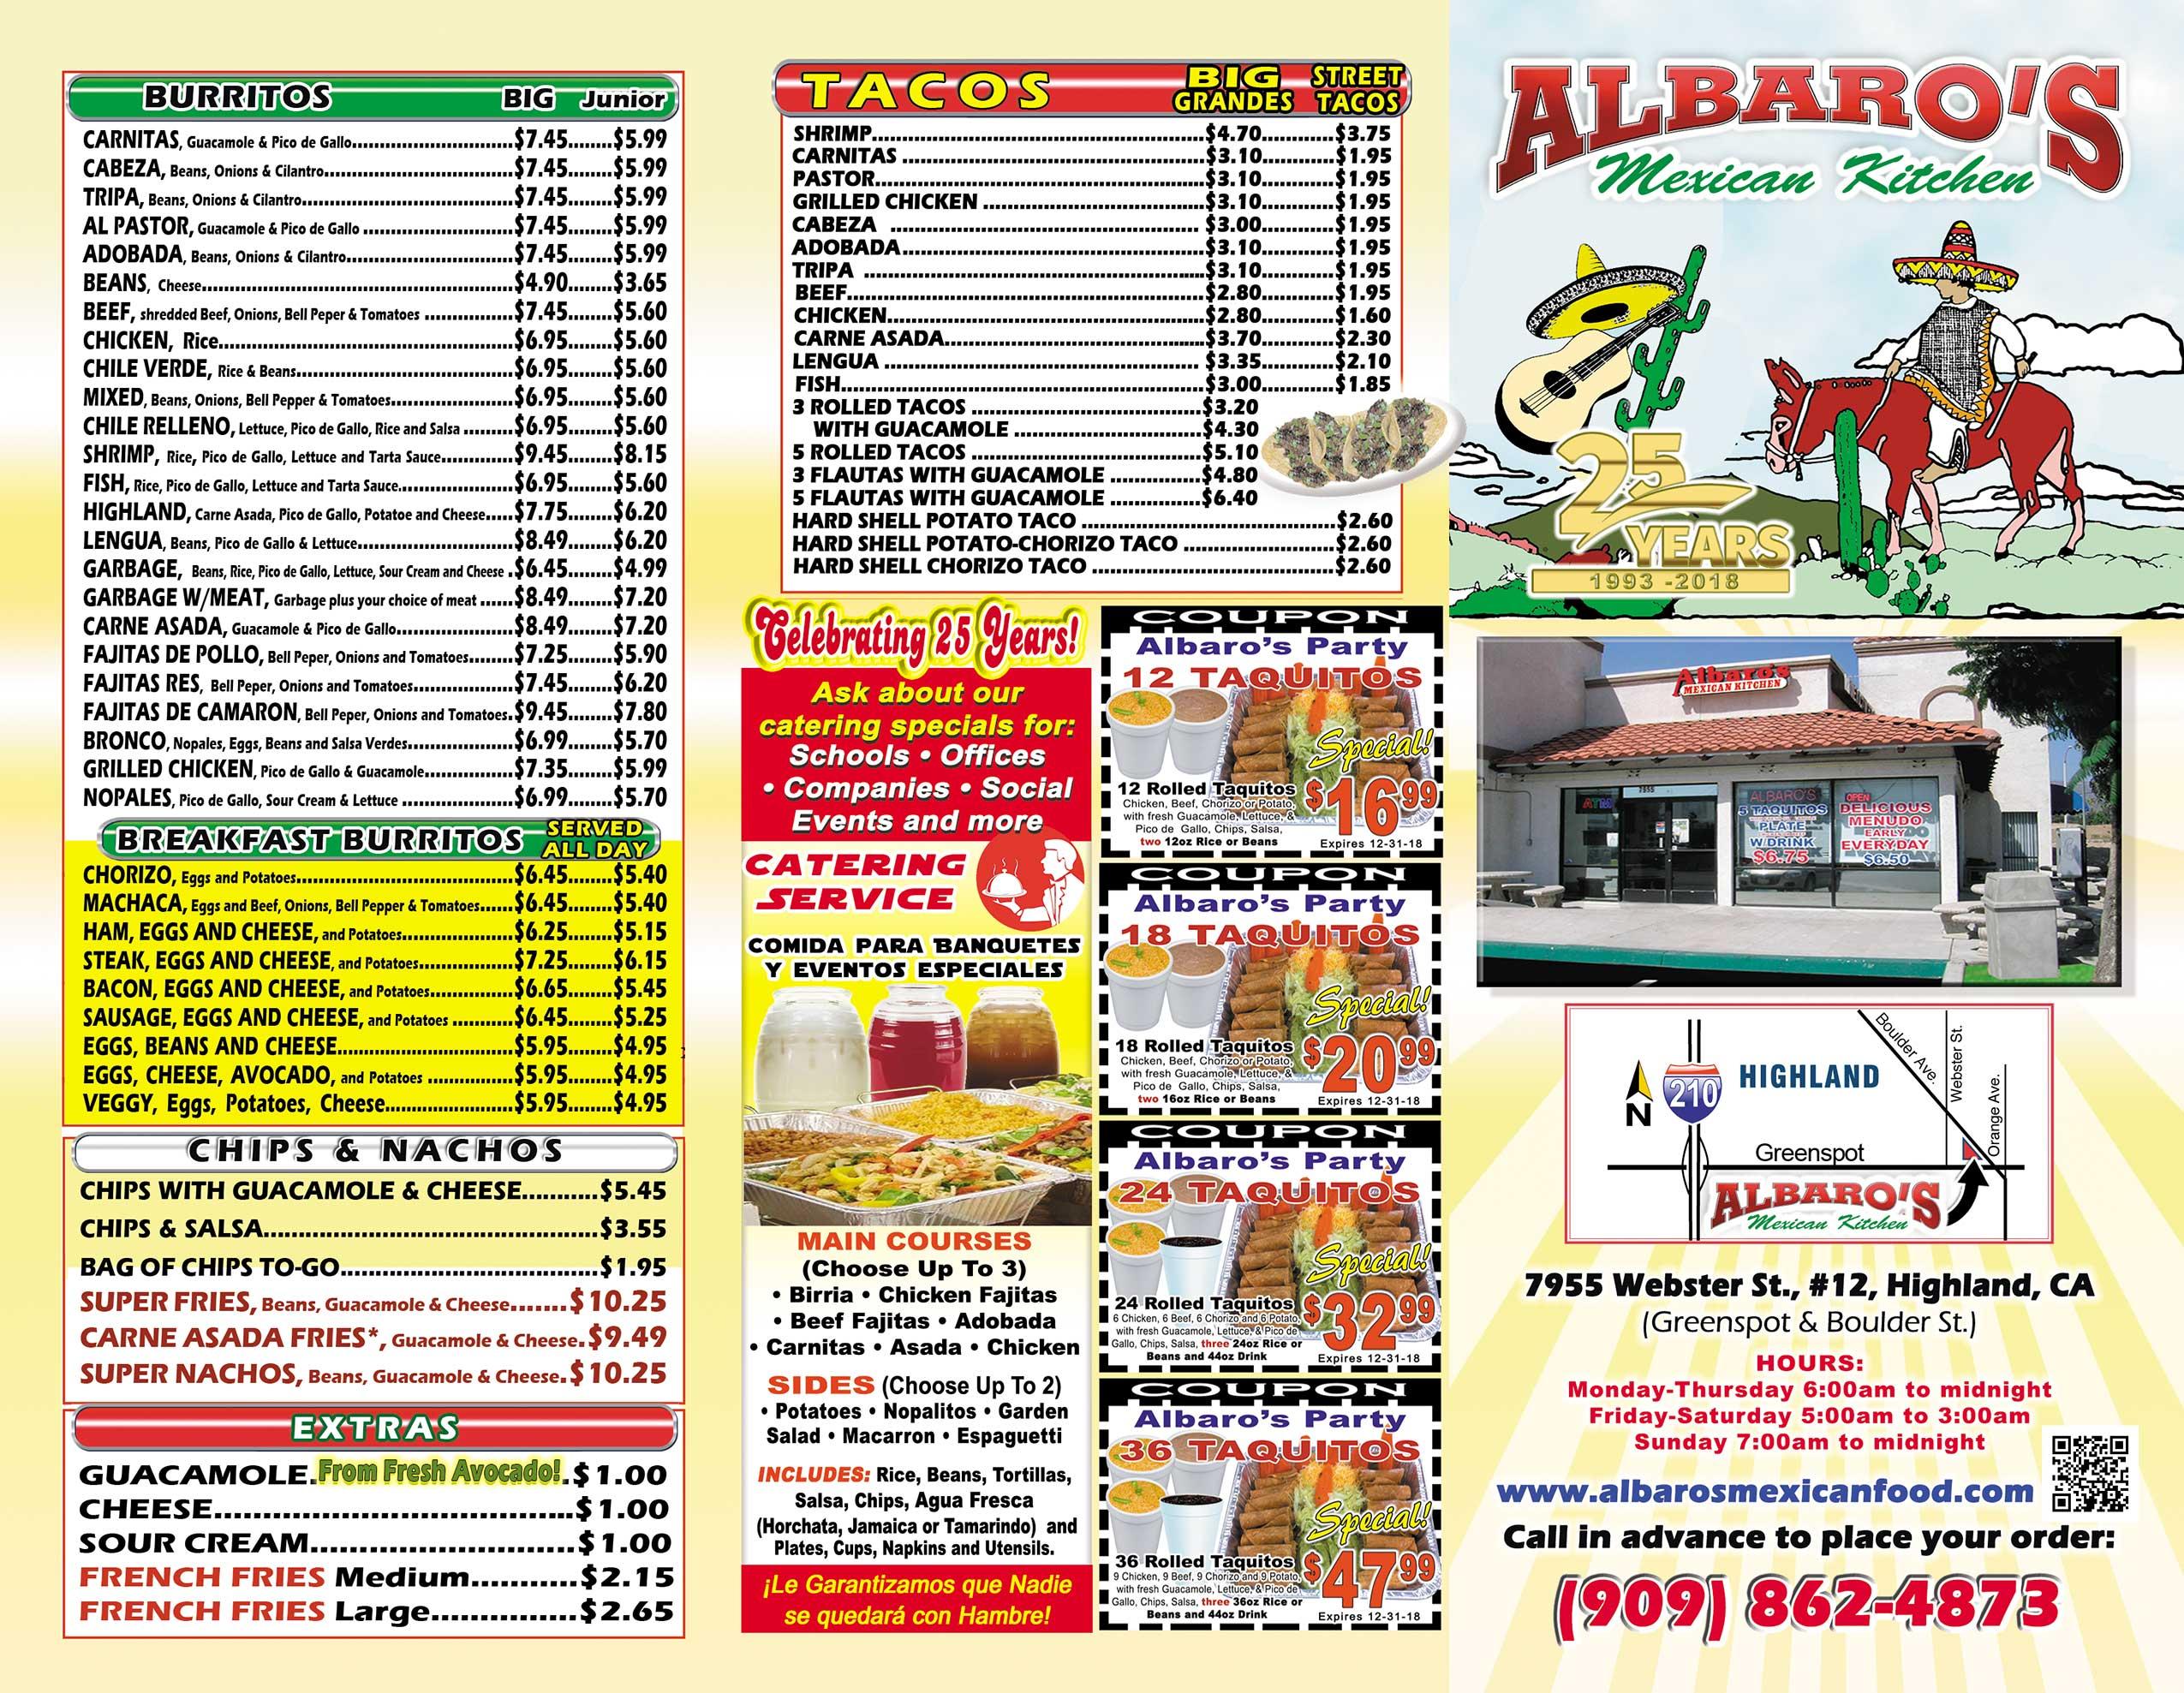 Albaros Mexican Food Menu